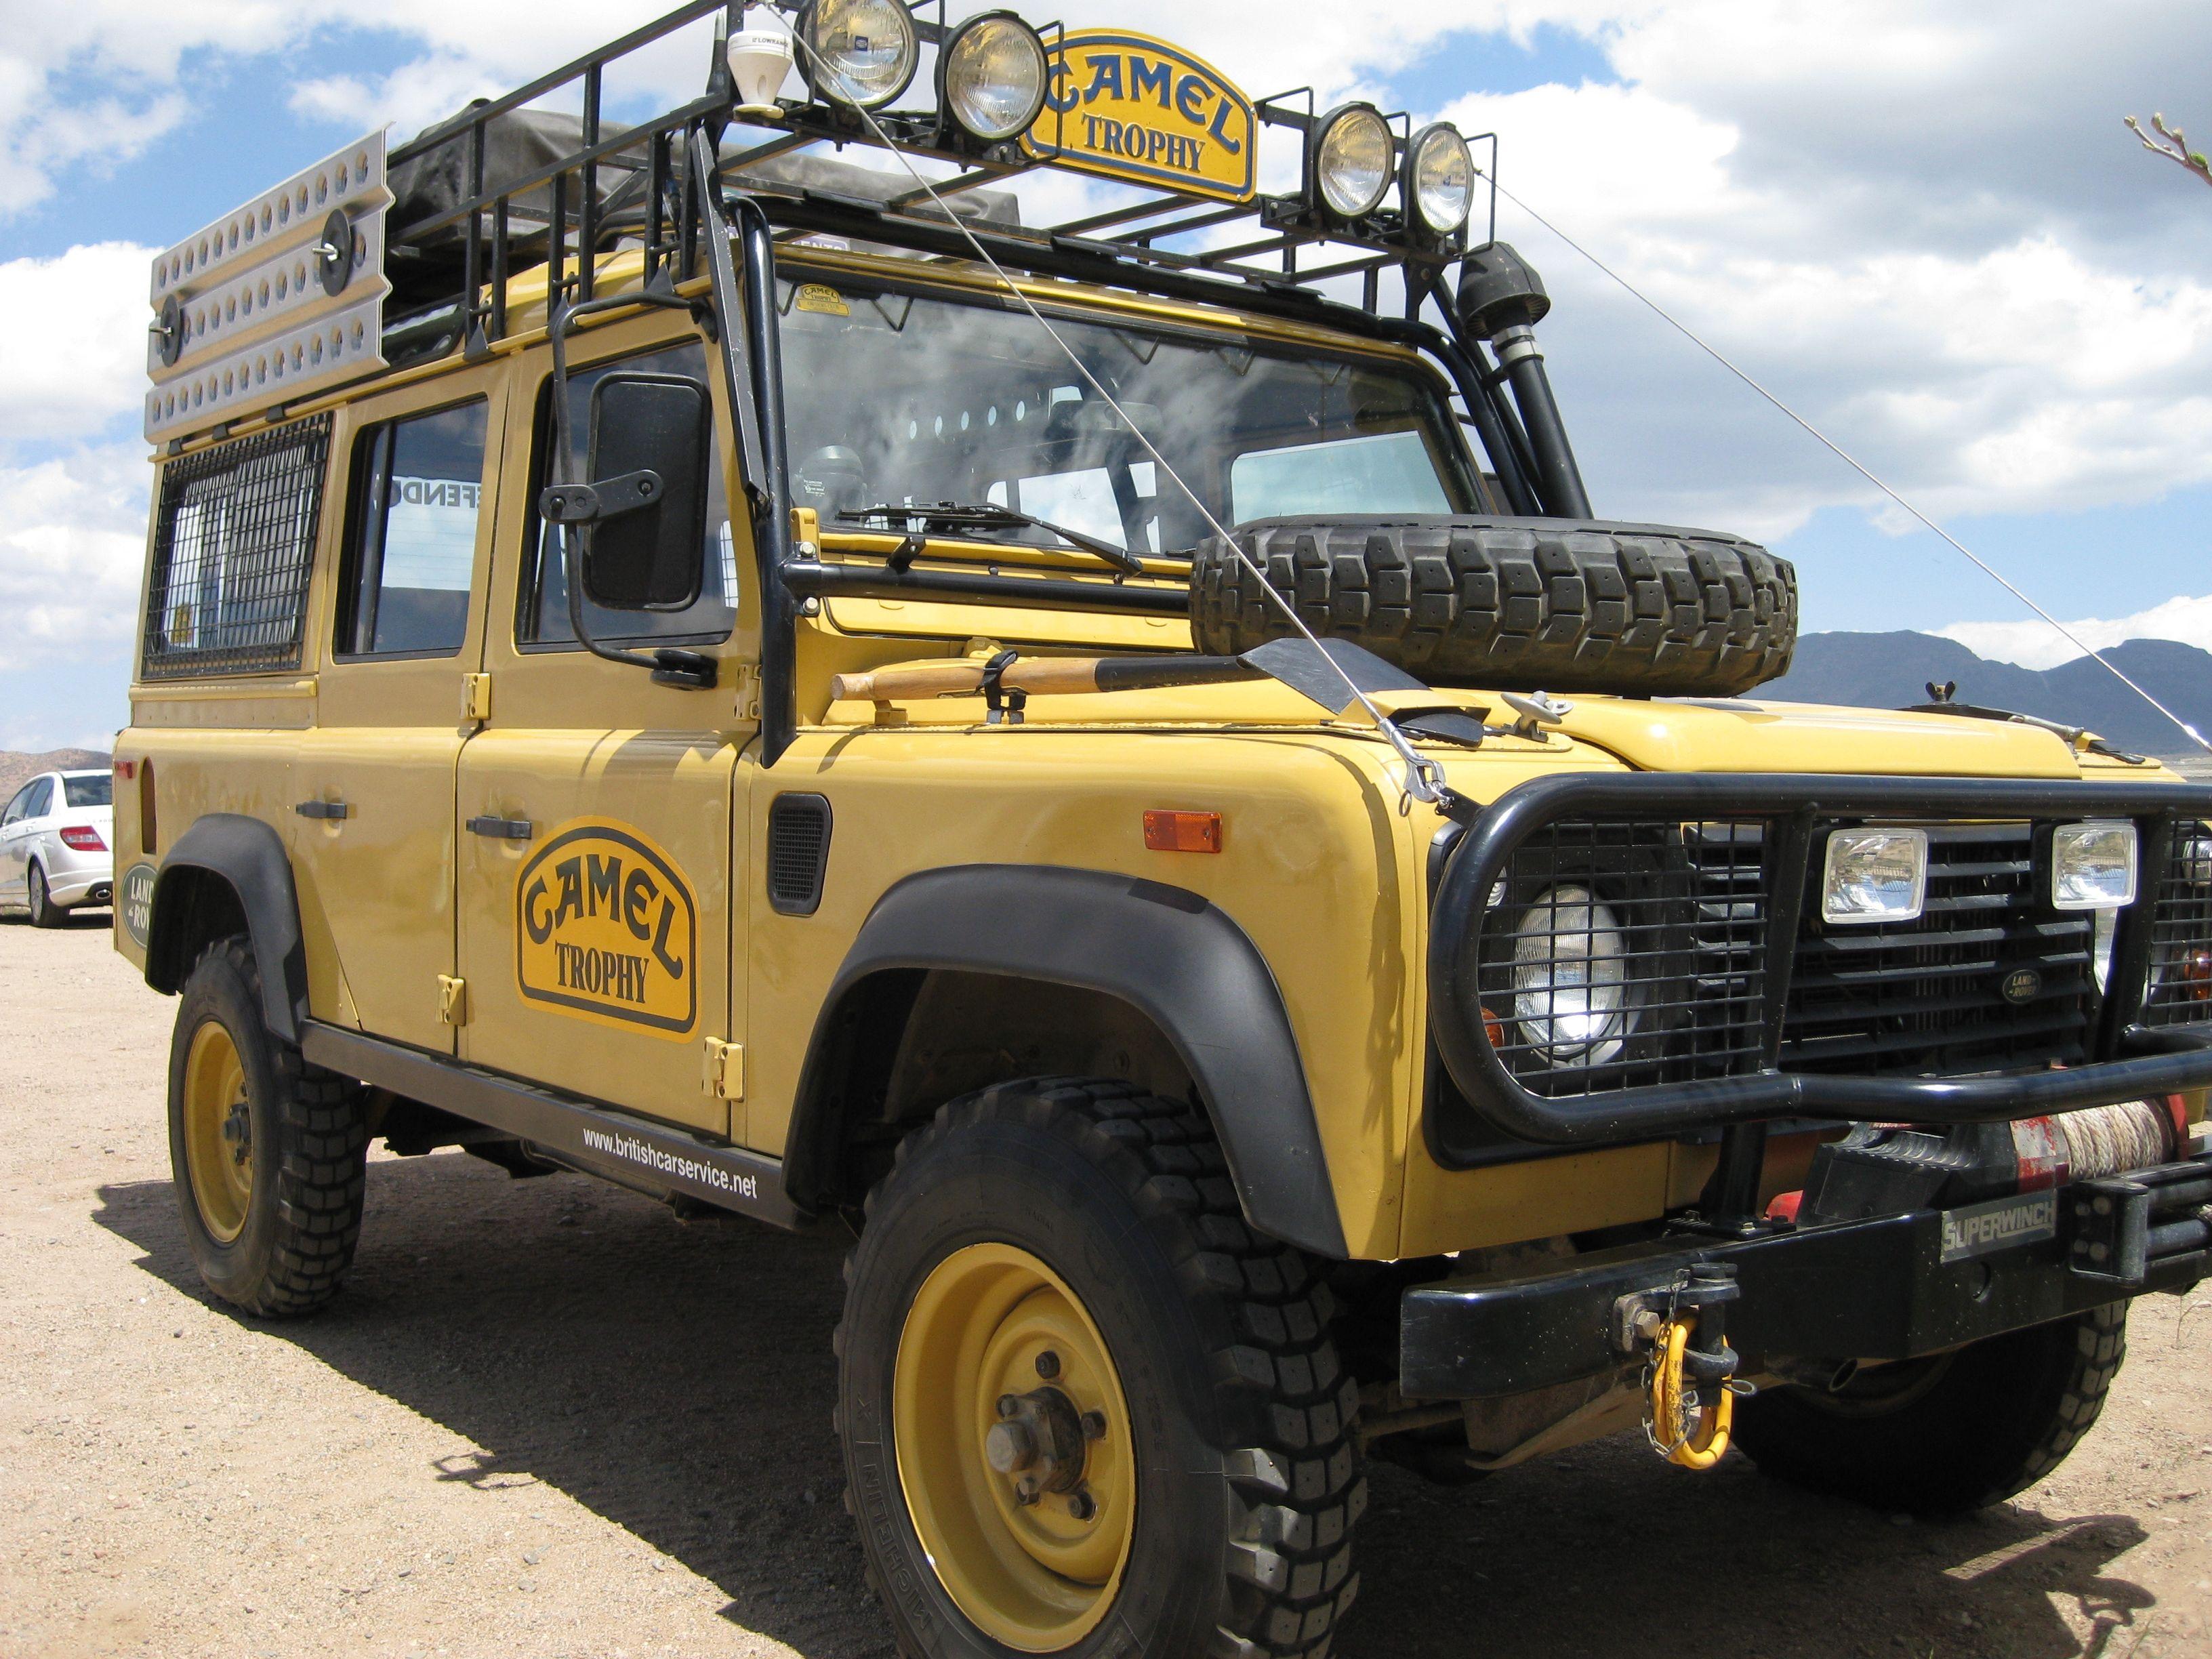 Camel Trophy Land Rover Defender 110 Get Lost